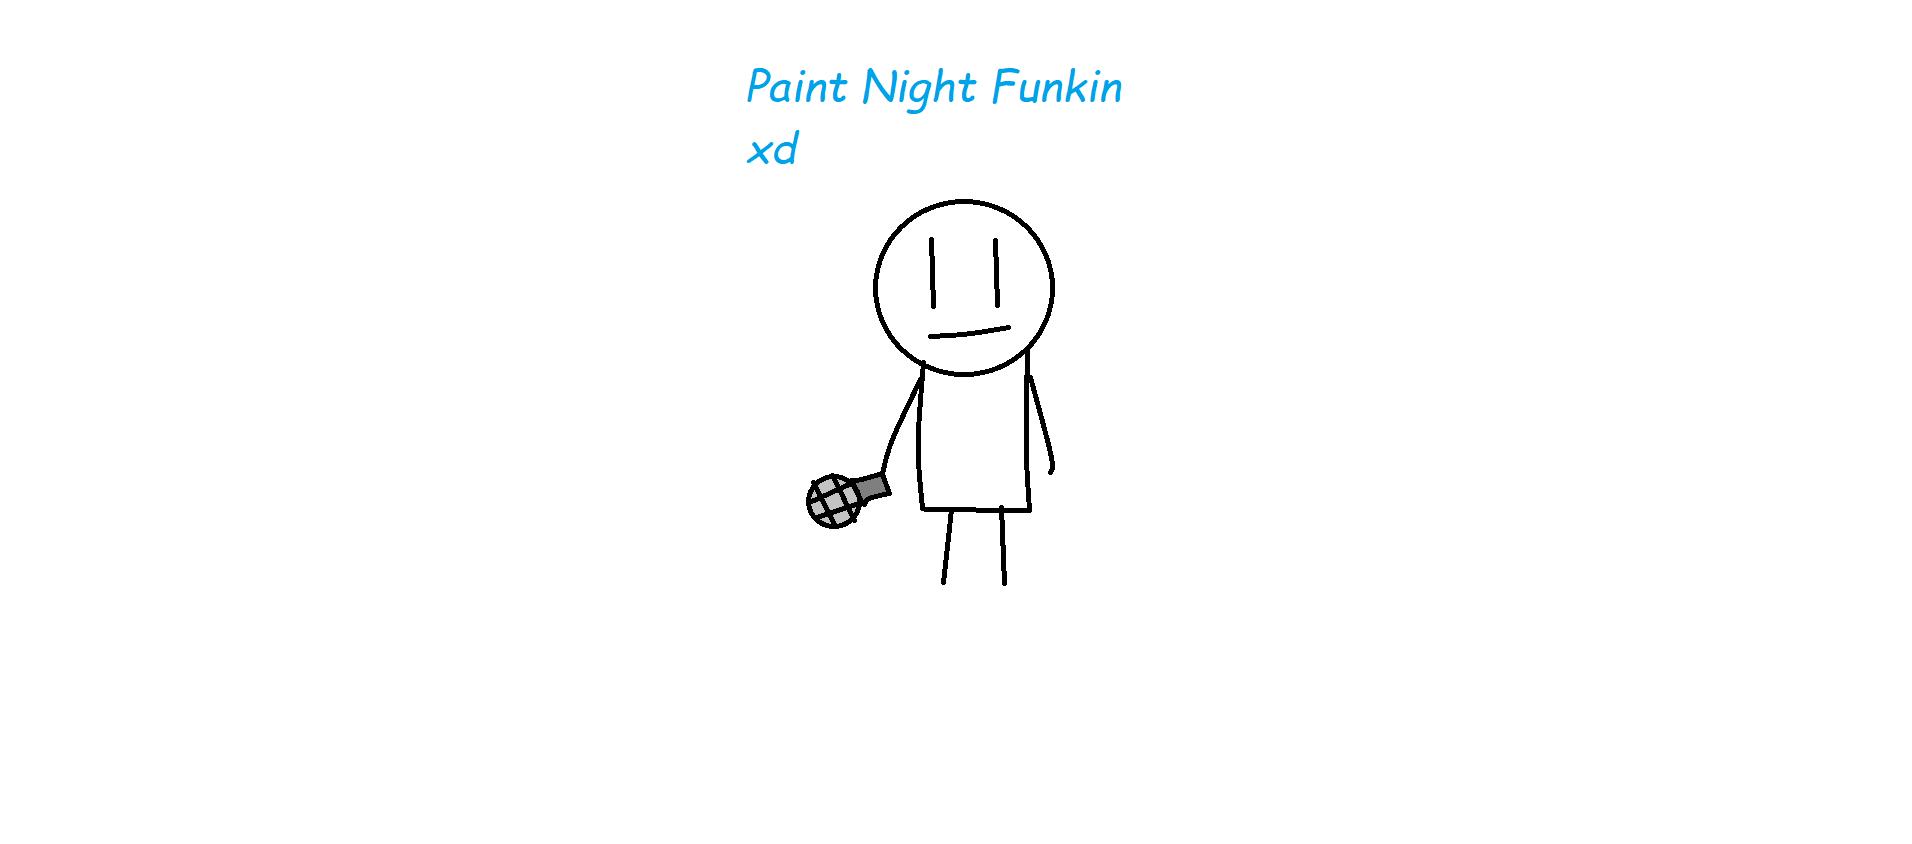 Paint Night Funkin